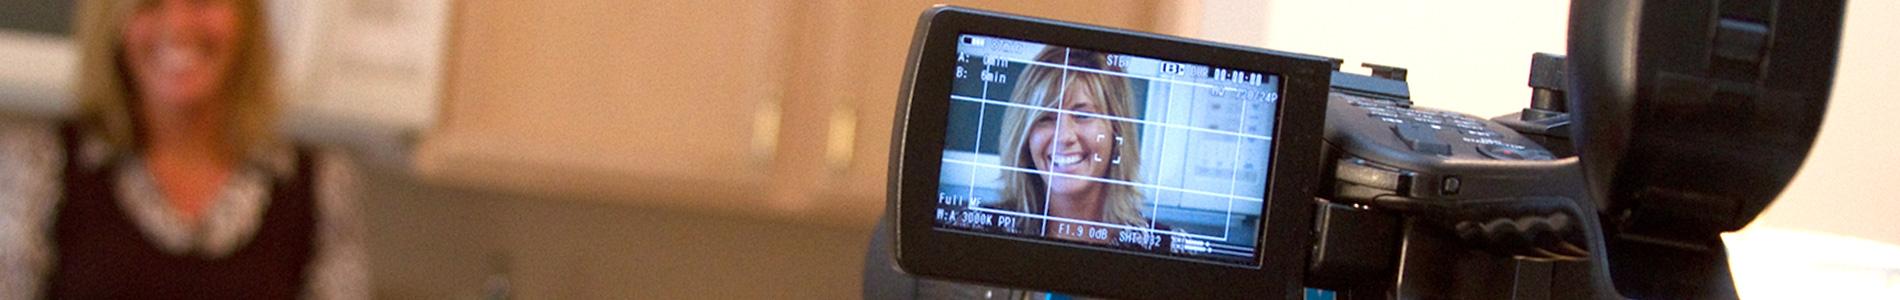 digital-video-media-01